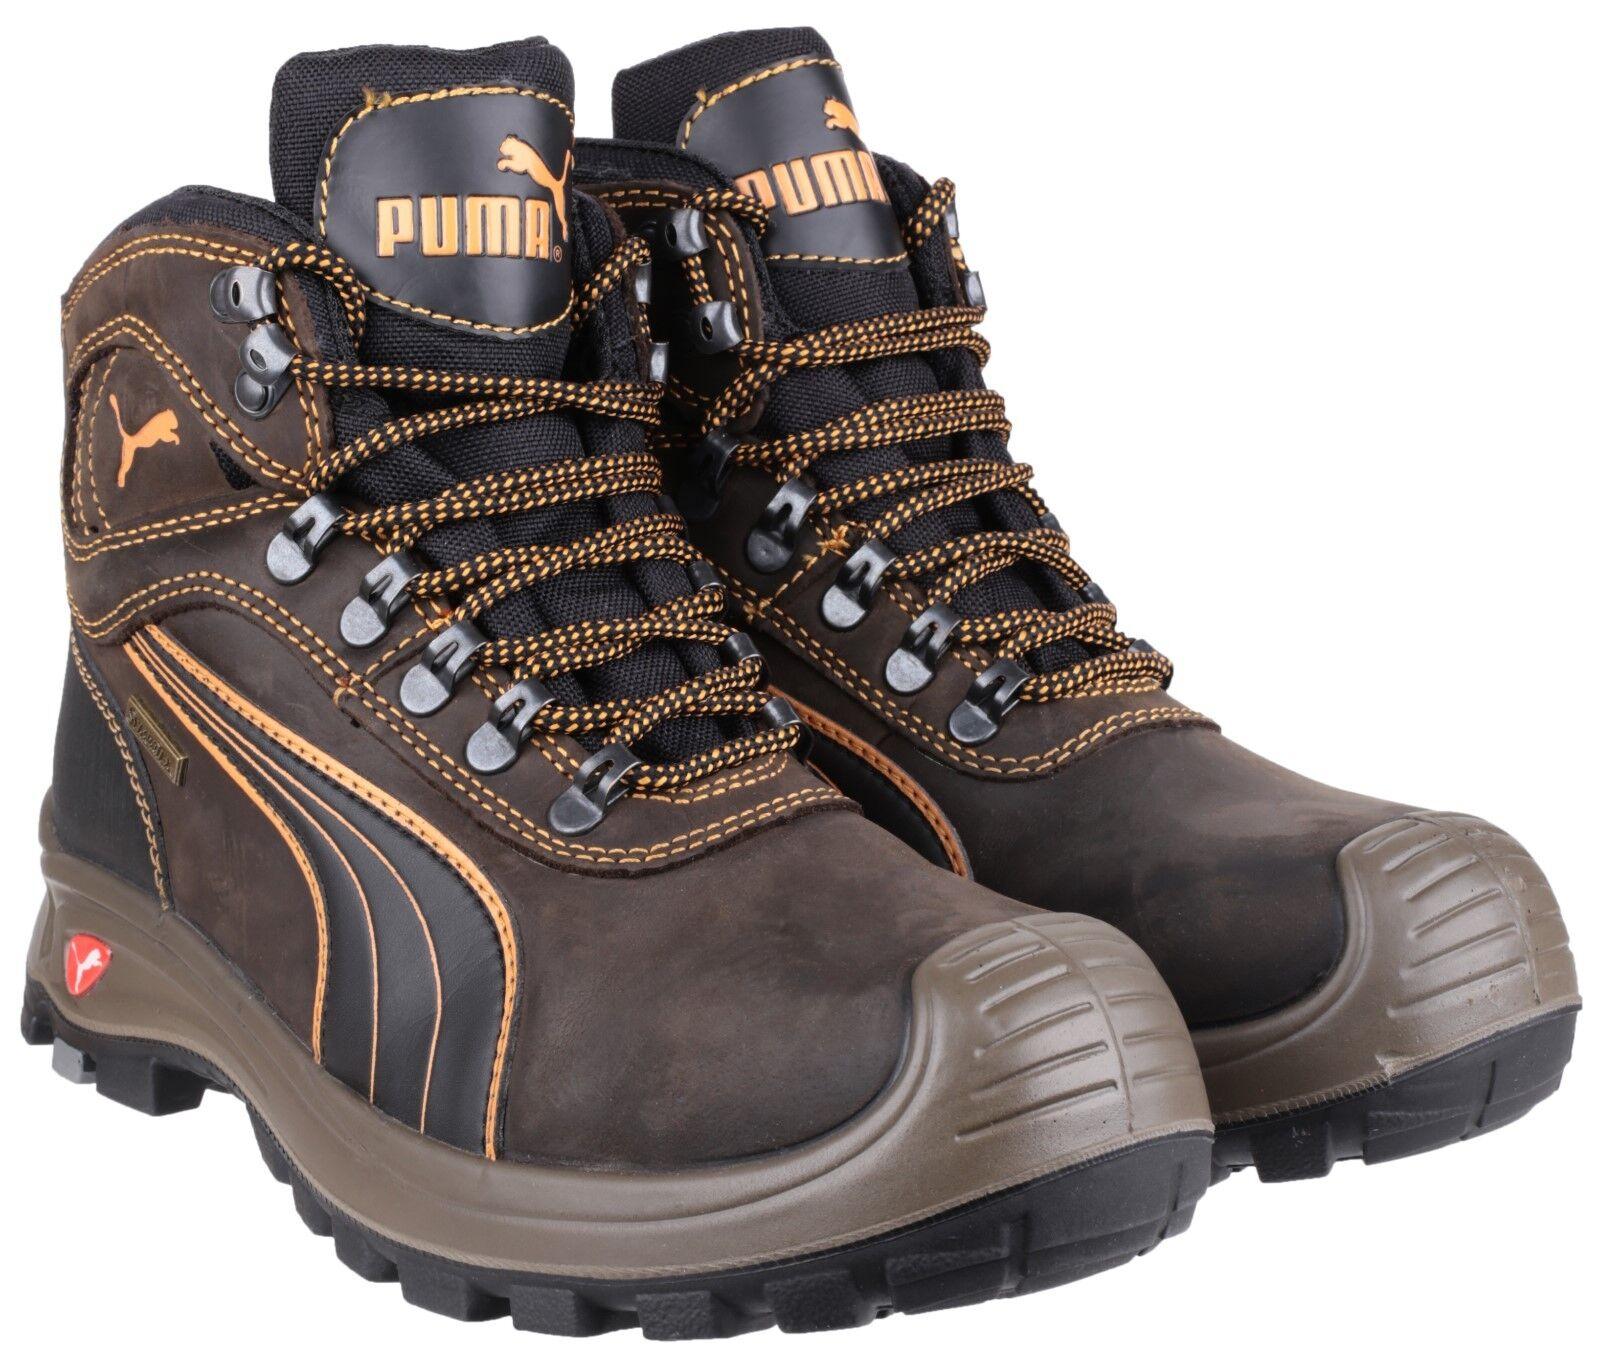 Puma Sierra Nevada Mid Marrone s3 SRC sicurezza COMPOSITO uk6-13 Puntale Stivali Da Uomo uk6-13 COMPOSITO 62d6e7